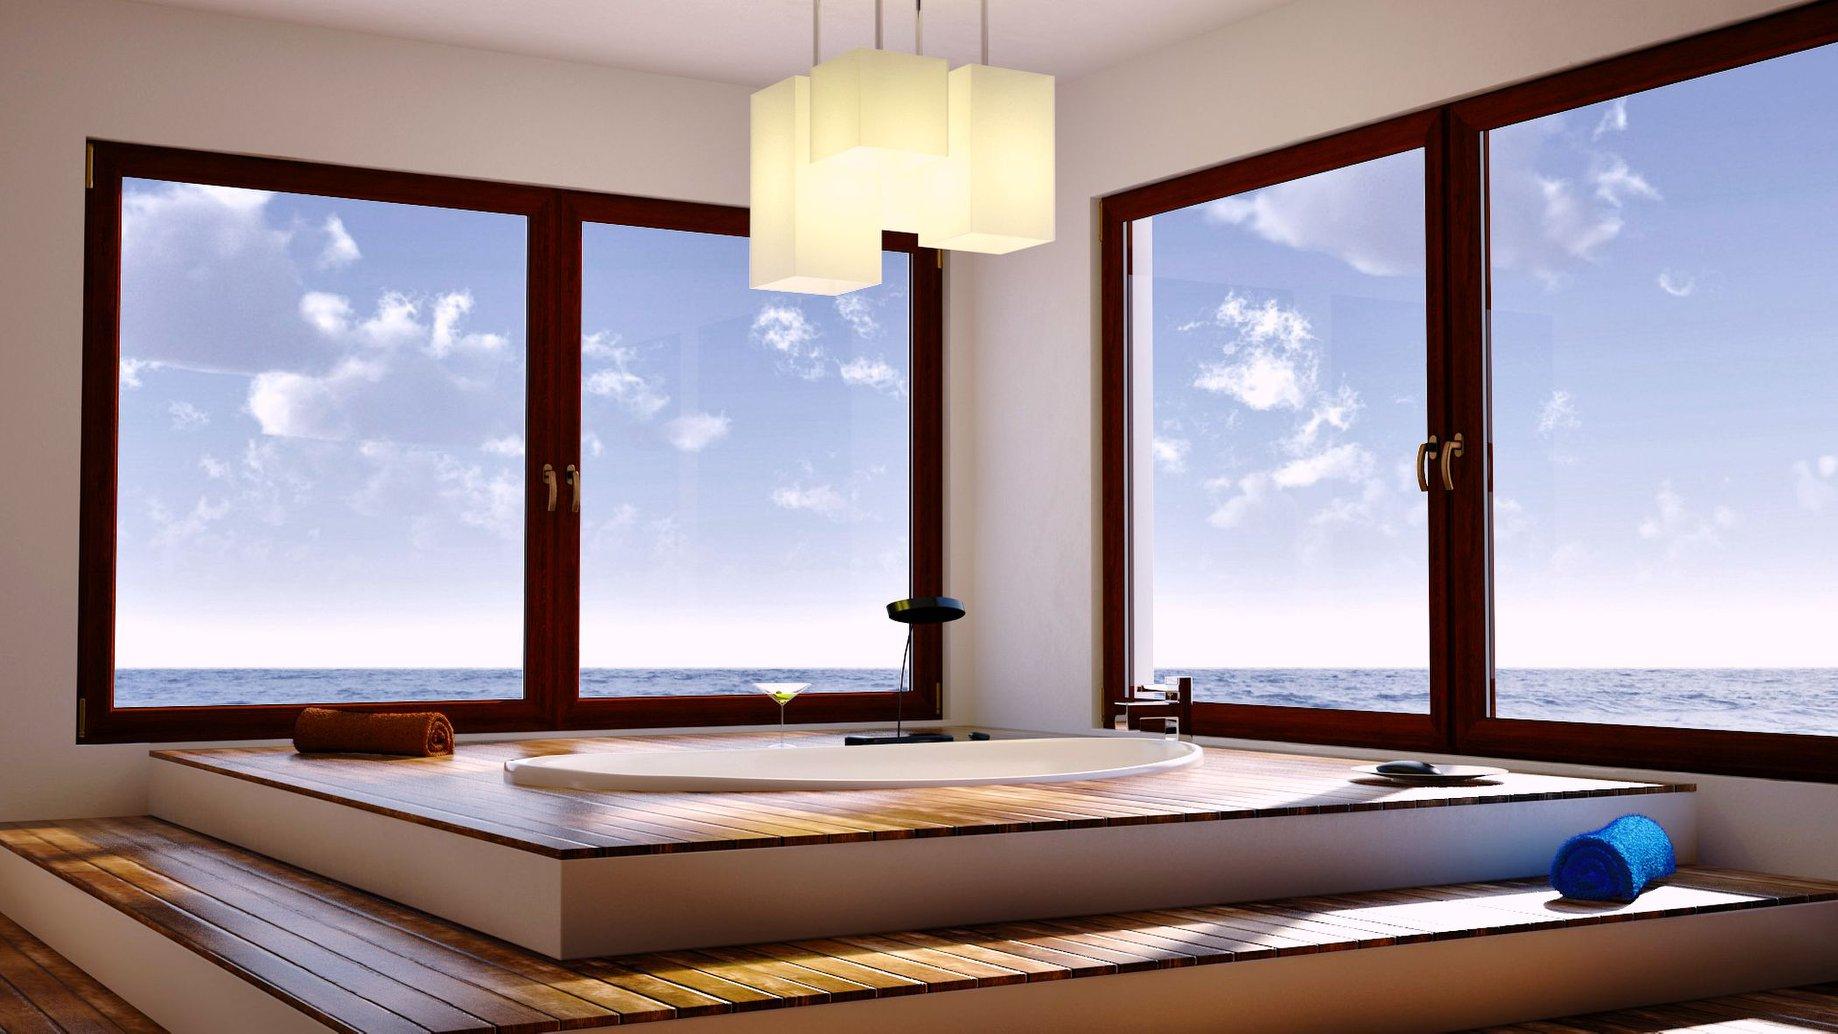 Full Size of Polnische Fenster Mit Montage Polnischefenster 24 Erfahrungen Fensterbauer Fensterhersteller Online Kaufen Firma Fototapete Herne Einbauen Fenster Polnische Fenster